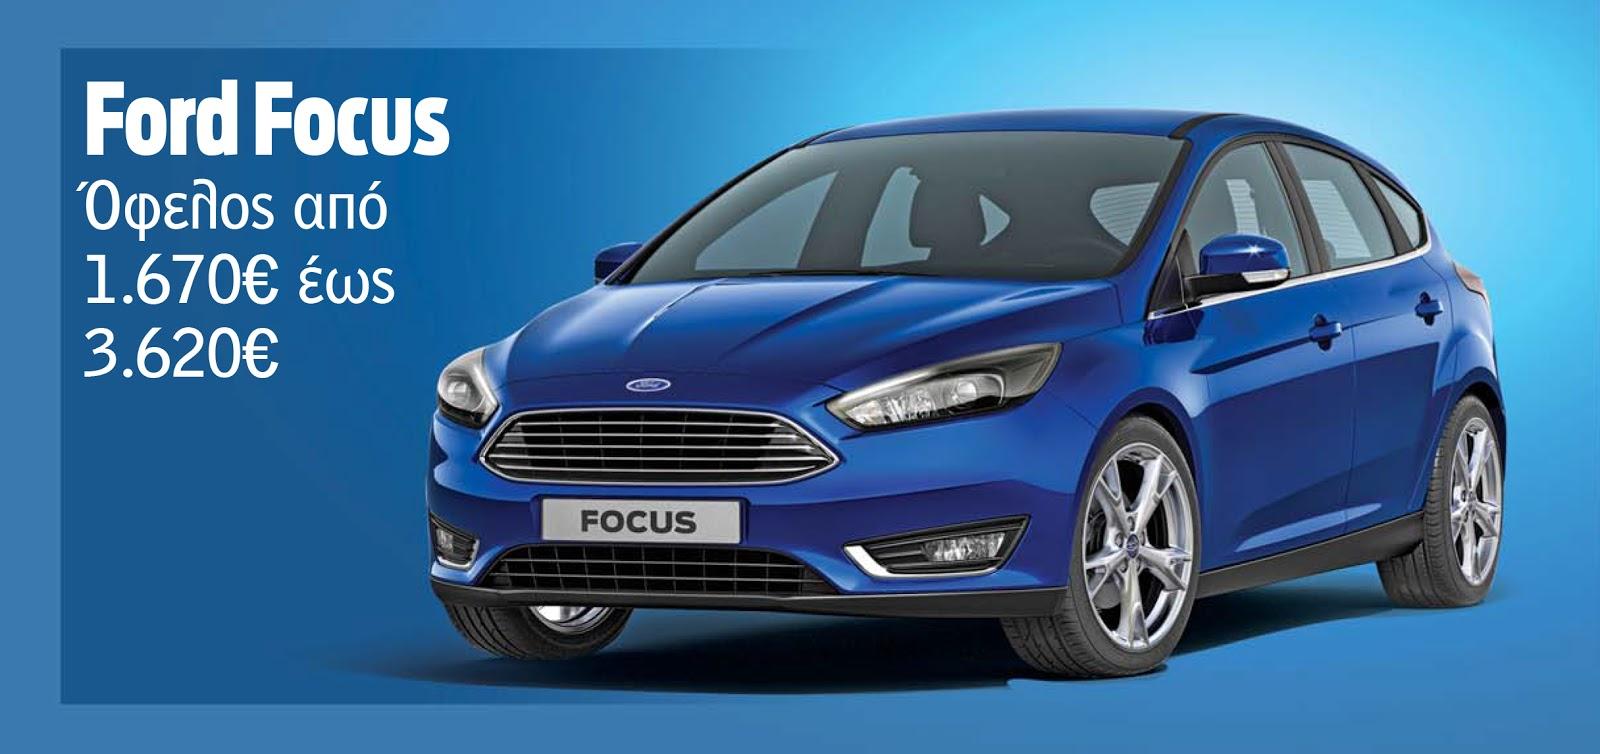 FOCUS Αποκτήστε το αγαπημένο σας Ford με όφελος έως και 5.690€! Ford, αγορά, προσφορές, τιμες